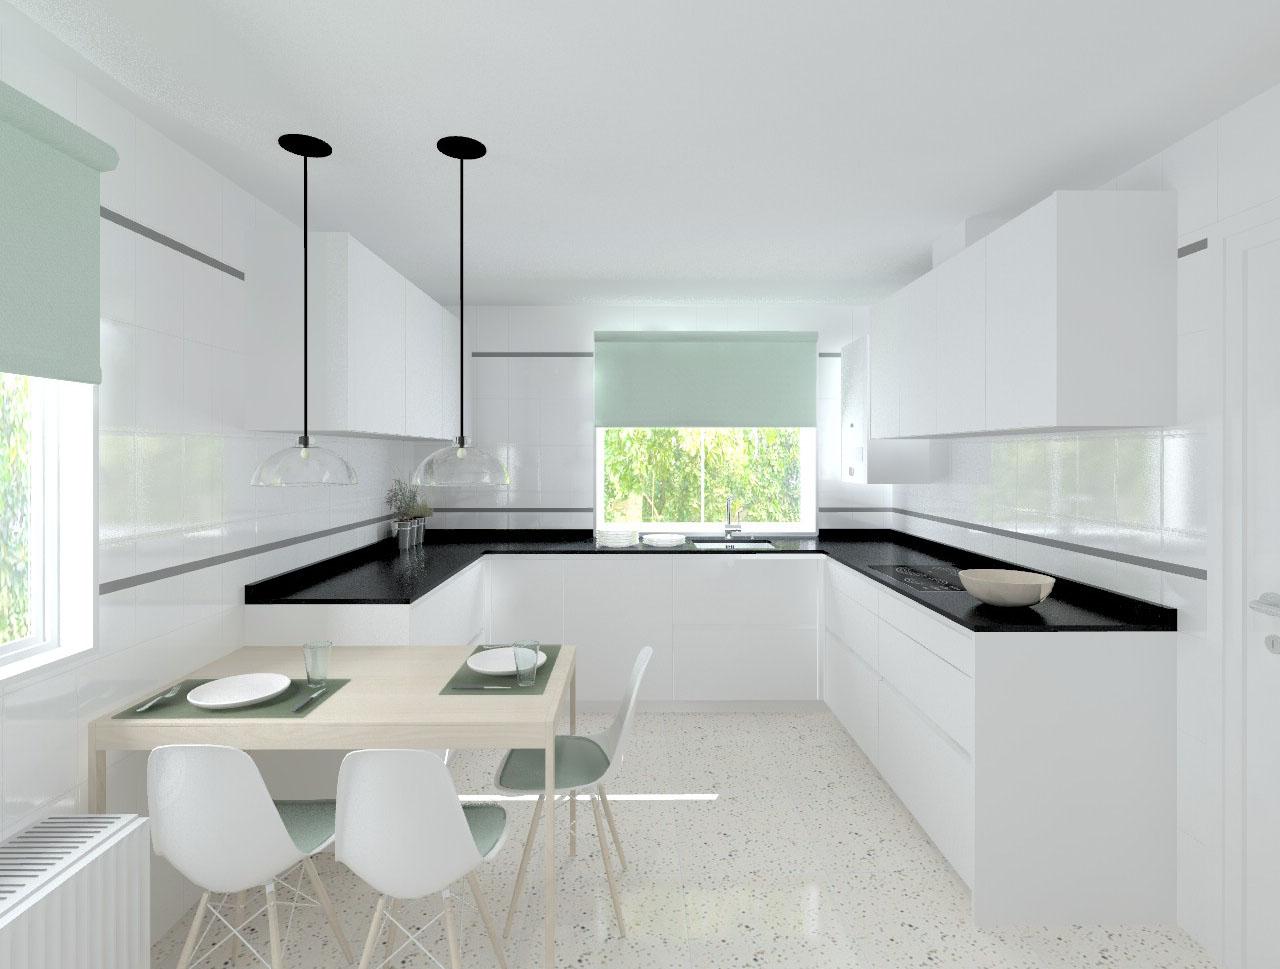 Madrid cocina santos modelo line l blanco seda mate Cocina blanca encimera granito negra